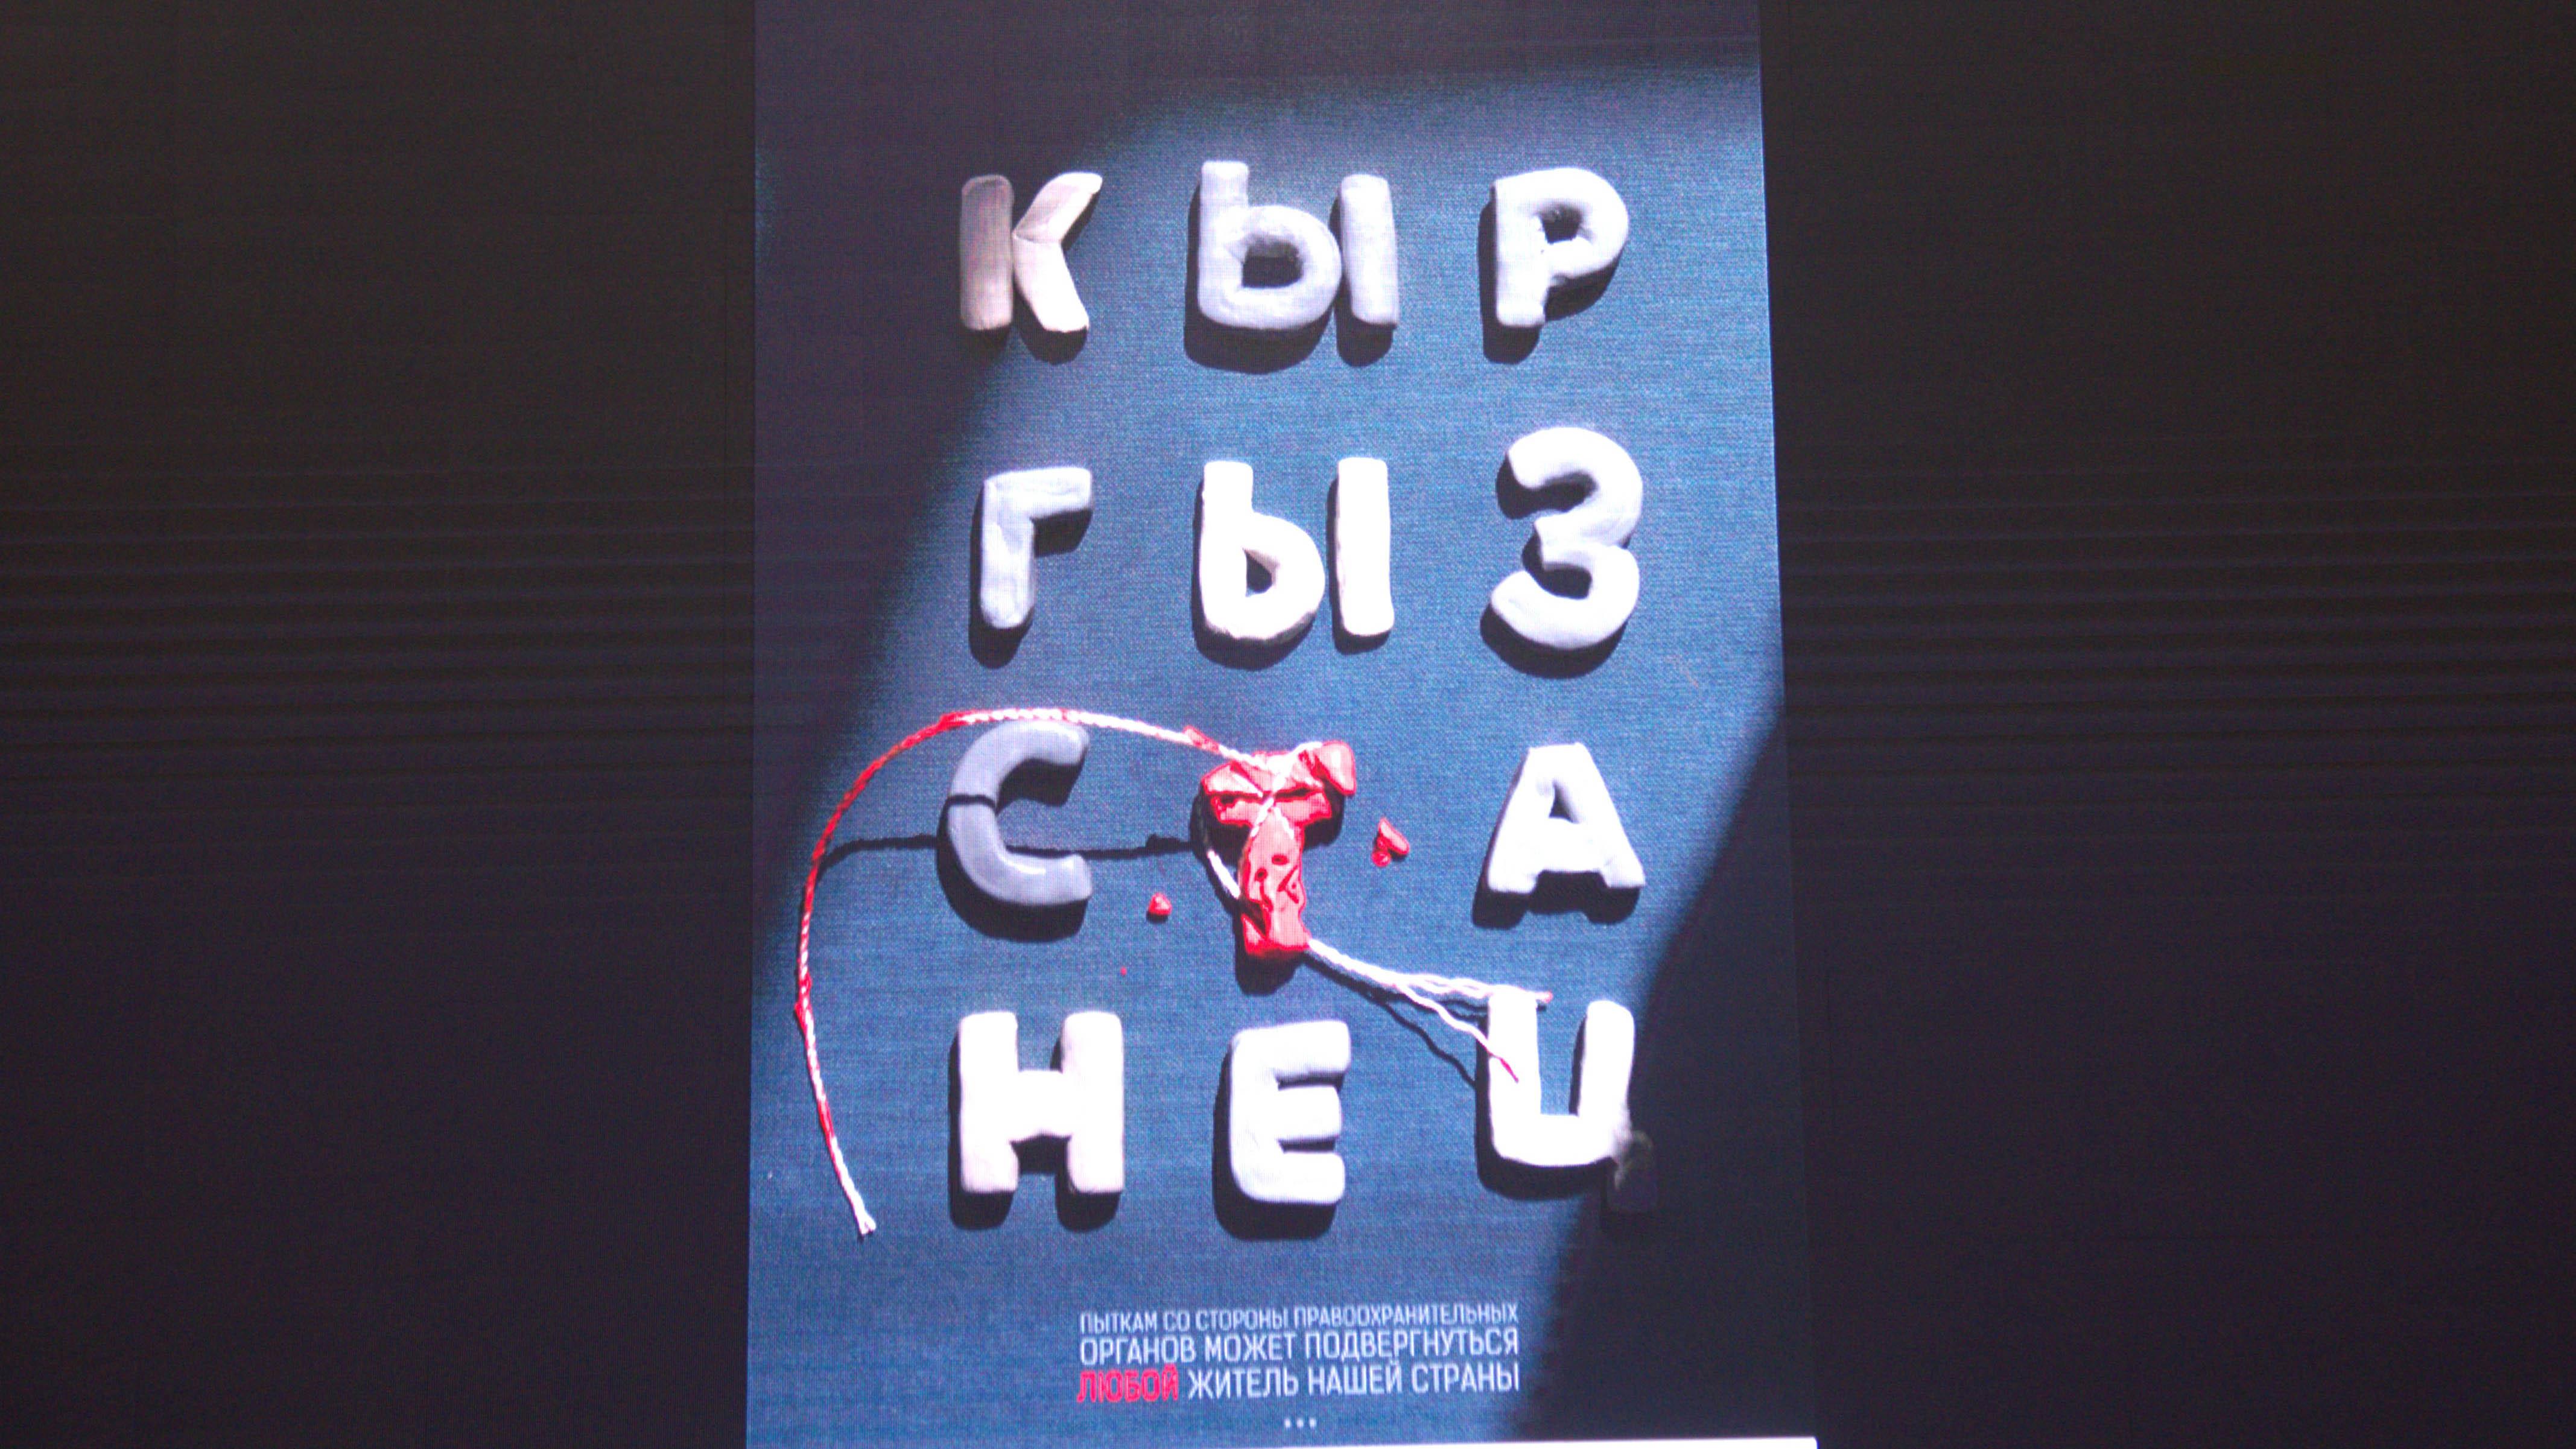 «Работа «Кыргызстанец» сделана из пластилина: и чтобы понять ситуацию, я букву пытал по-разному — давил бутылкой, колол шилом, в конце концов связал веревкой… Это такой процесс, который я должен был пройти», -- сказал Лысогоров.